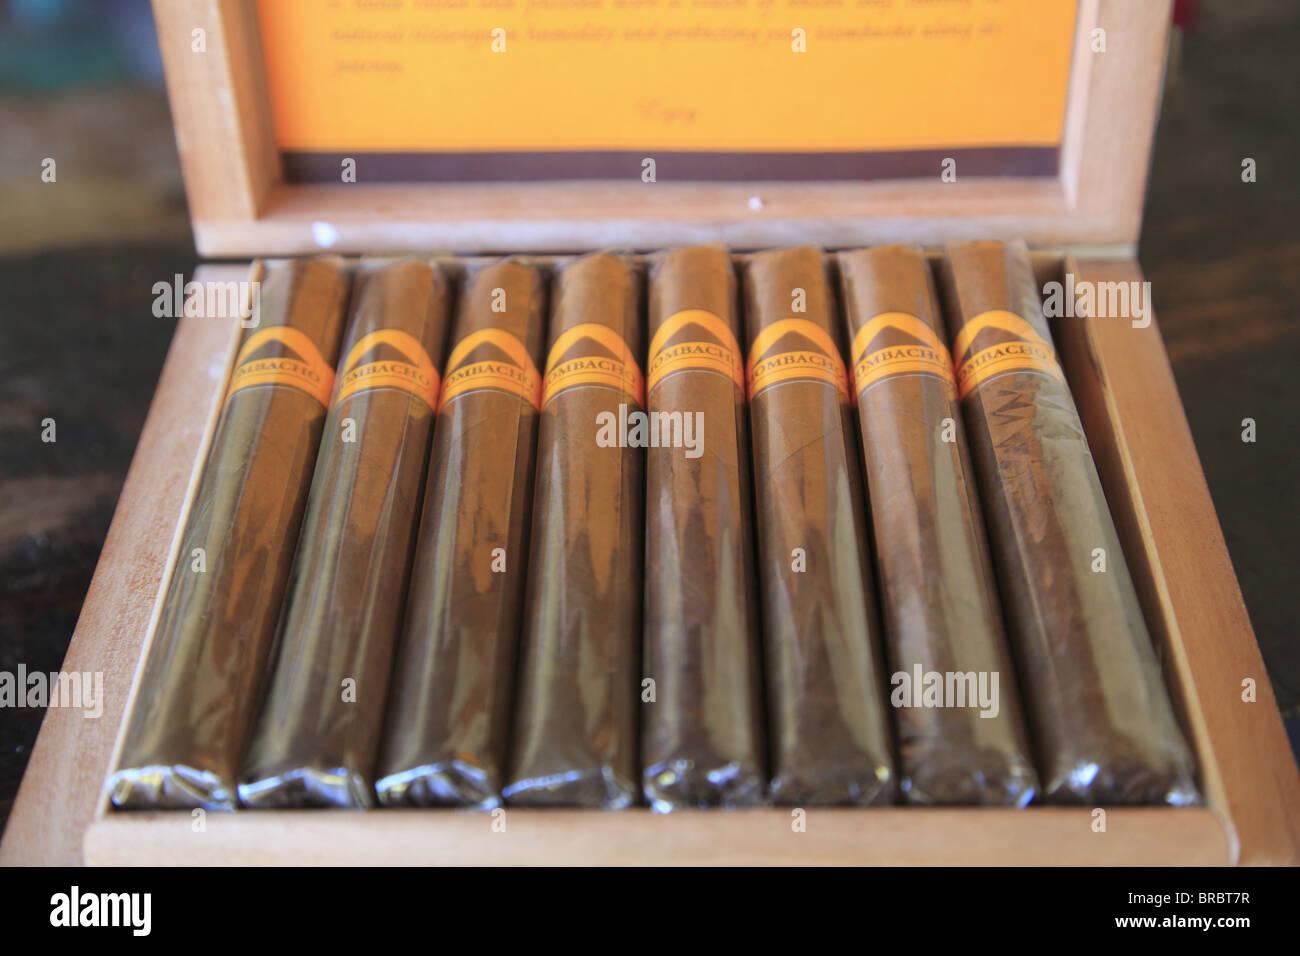 Dona Elba Zigarren, Zigarrenmacher, Granada, Nicaragua, Mittelamerika Stockbild